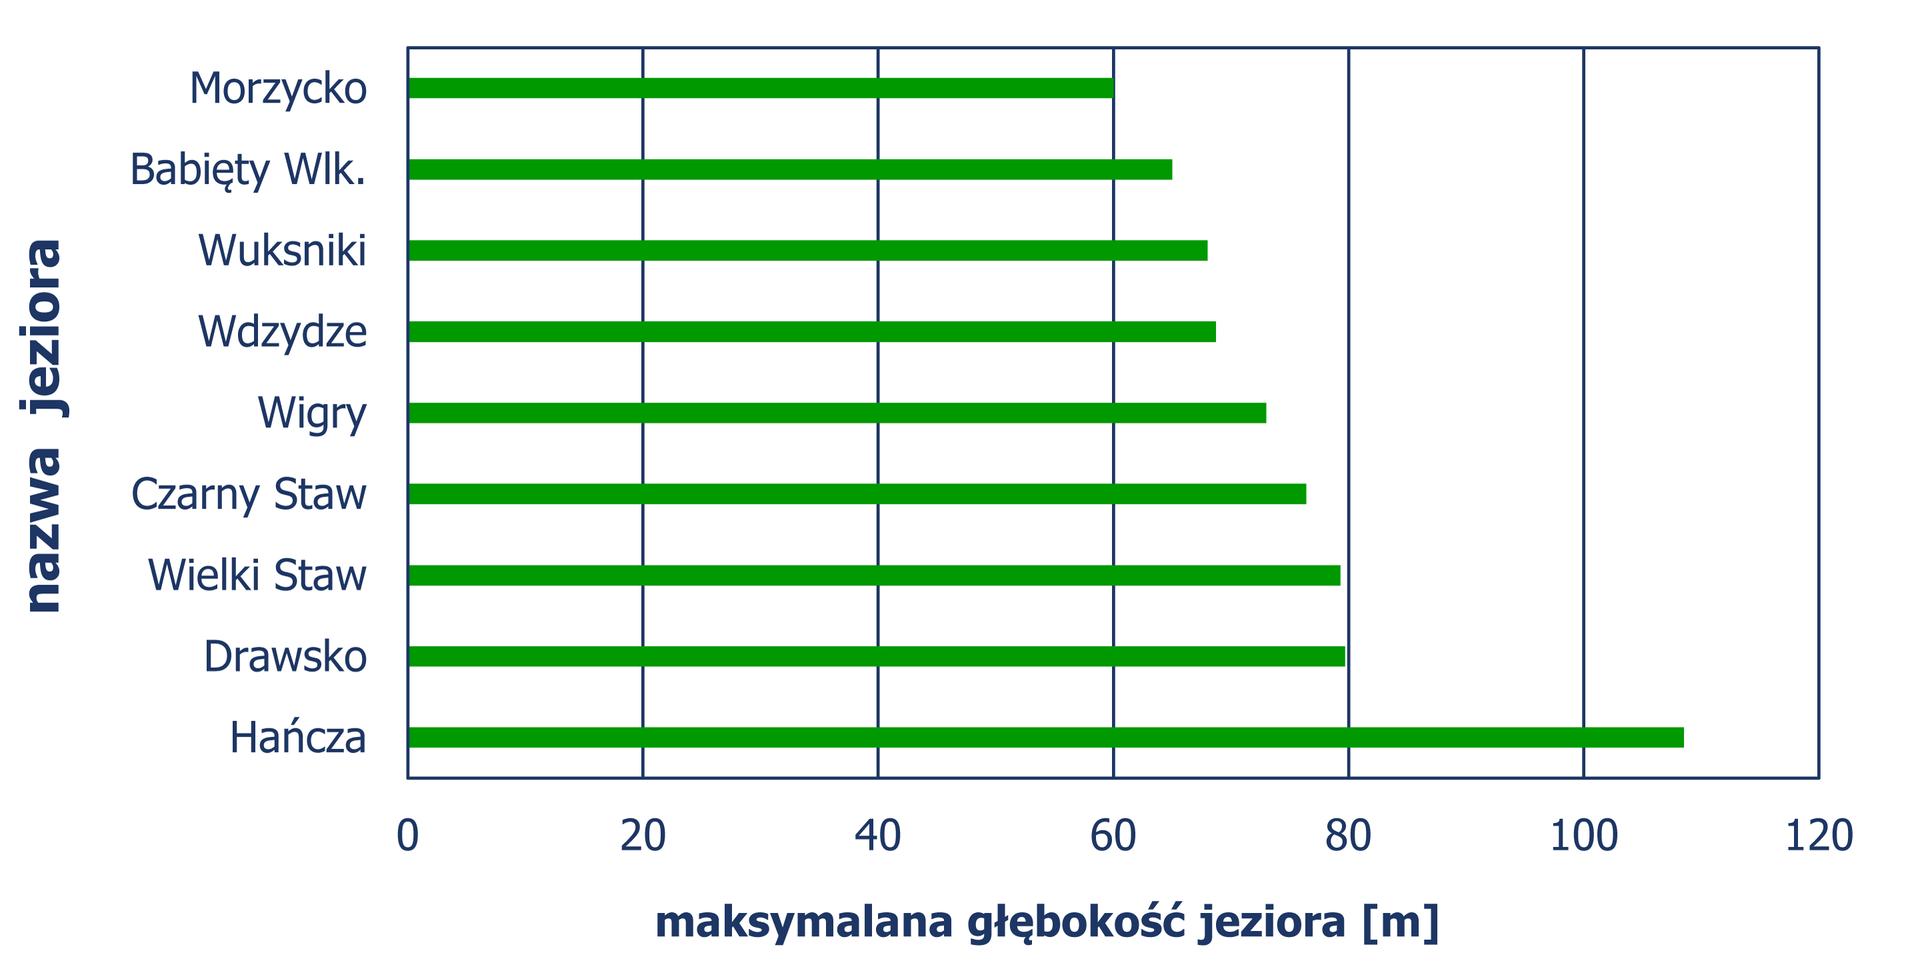 Diagram słupkowy pionowy, zktórego odczytujemy maksymalną głębokość (w metrach) najgłębszych jezior wPolsce. Jezioro Morzycko – głębokość 60 metrów . Jeziora: Babięty Wielkie, Wuksniki iWdzydze – głębokość większa niż 60 metrów, ale mniejsza niż 70 metrów . Jeziora: Wigry, Czarny Staw, Wielki Staw iDrawsko – głębokość większa niż 70 metrów, ale mniejsza niż 80 metrów. Jezioro Hańcza głębokość około 110 metrów.